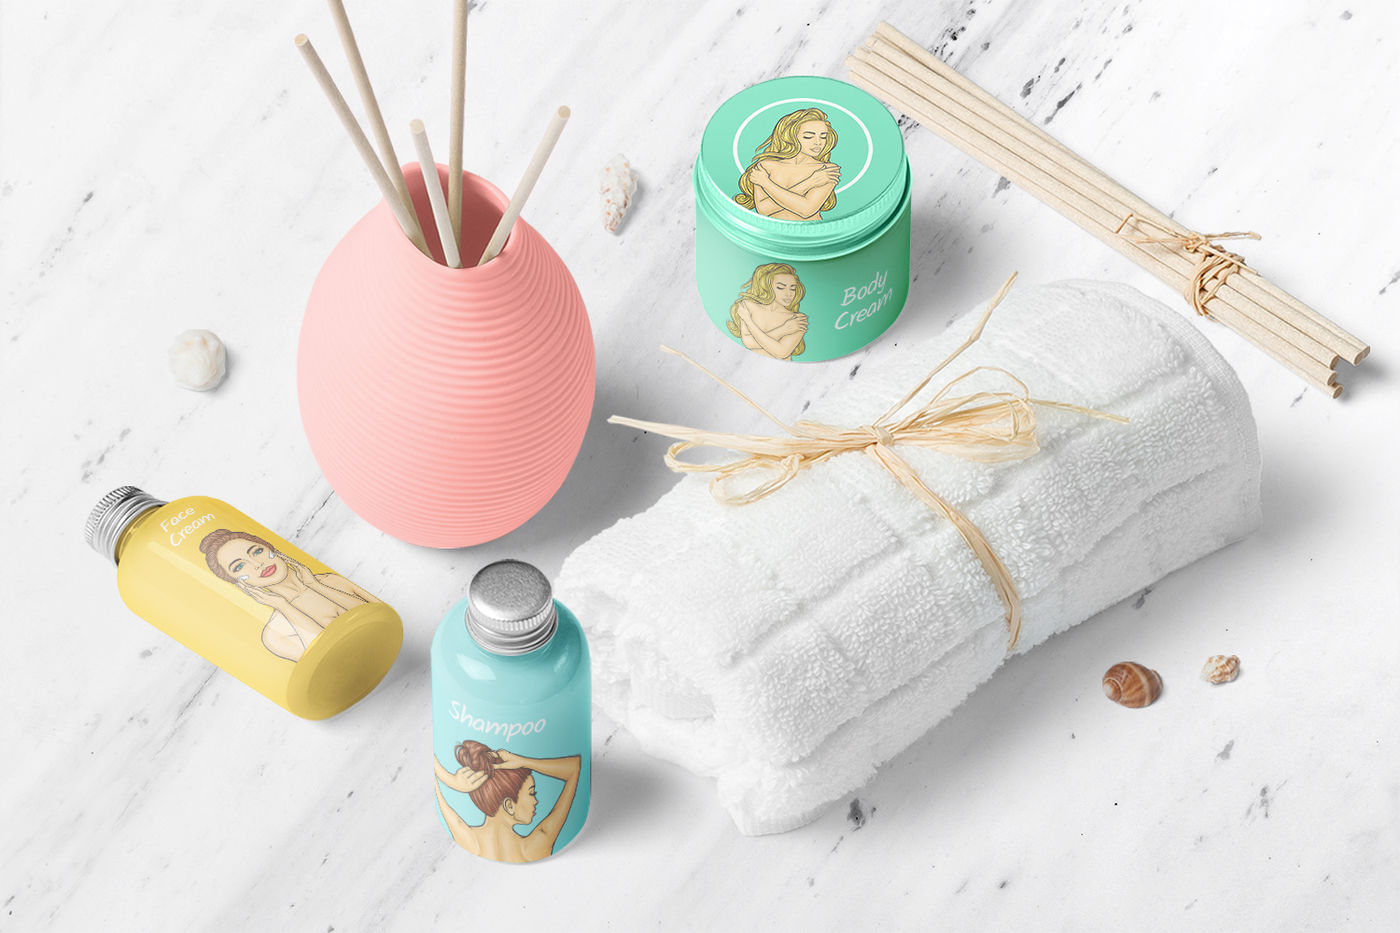 Shampoo Mockup Free